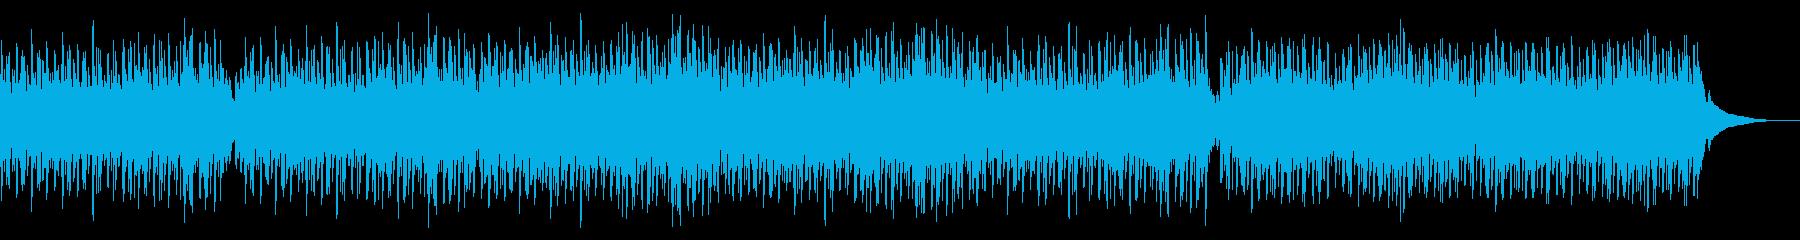 好印象壮大爽やか企業VP会社紹介(2分)の再生済みの波形